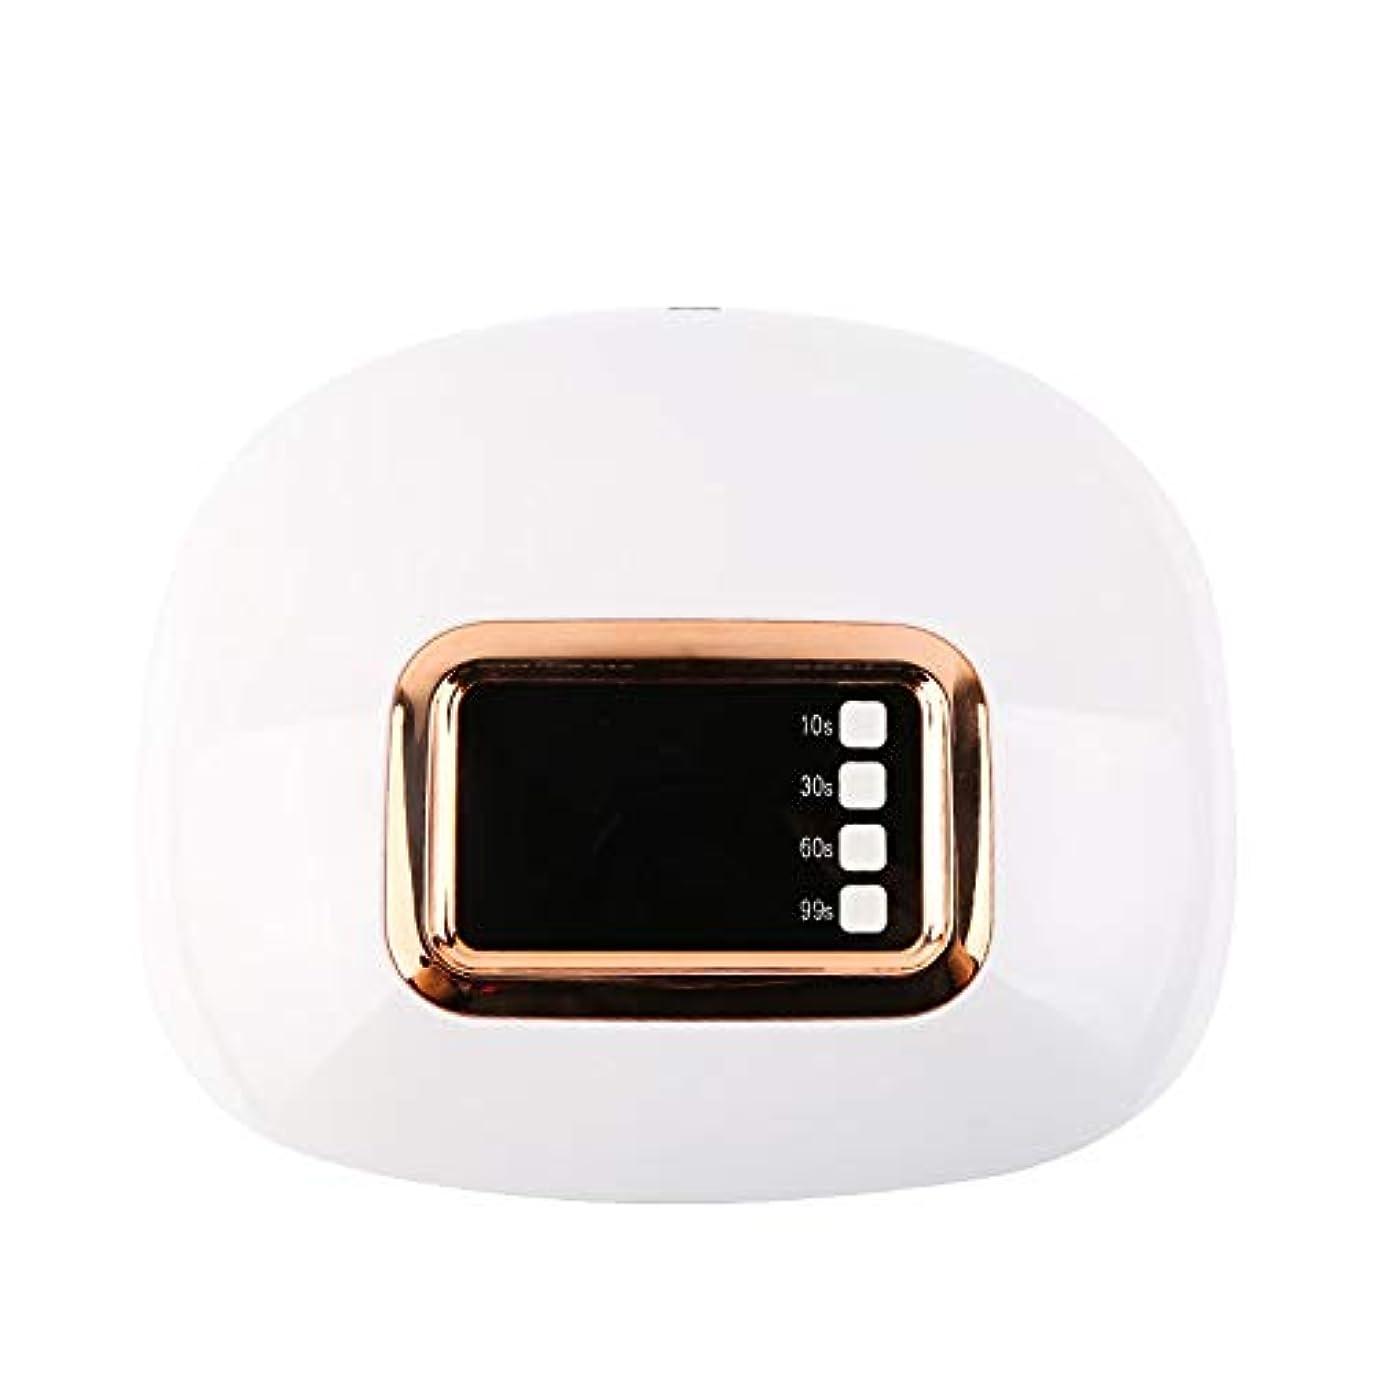 フライカイトミシン不倫4つのタイマーおよびシェラックおよびゲルの釘のためのデジタル表示装置が付いている専門の紫外線およびLEDの釘ライトおよび釘のドライヤー